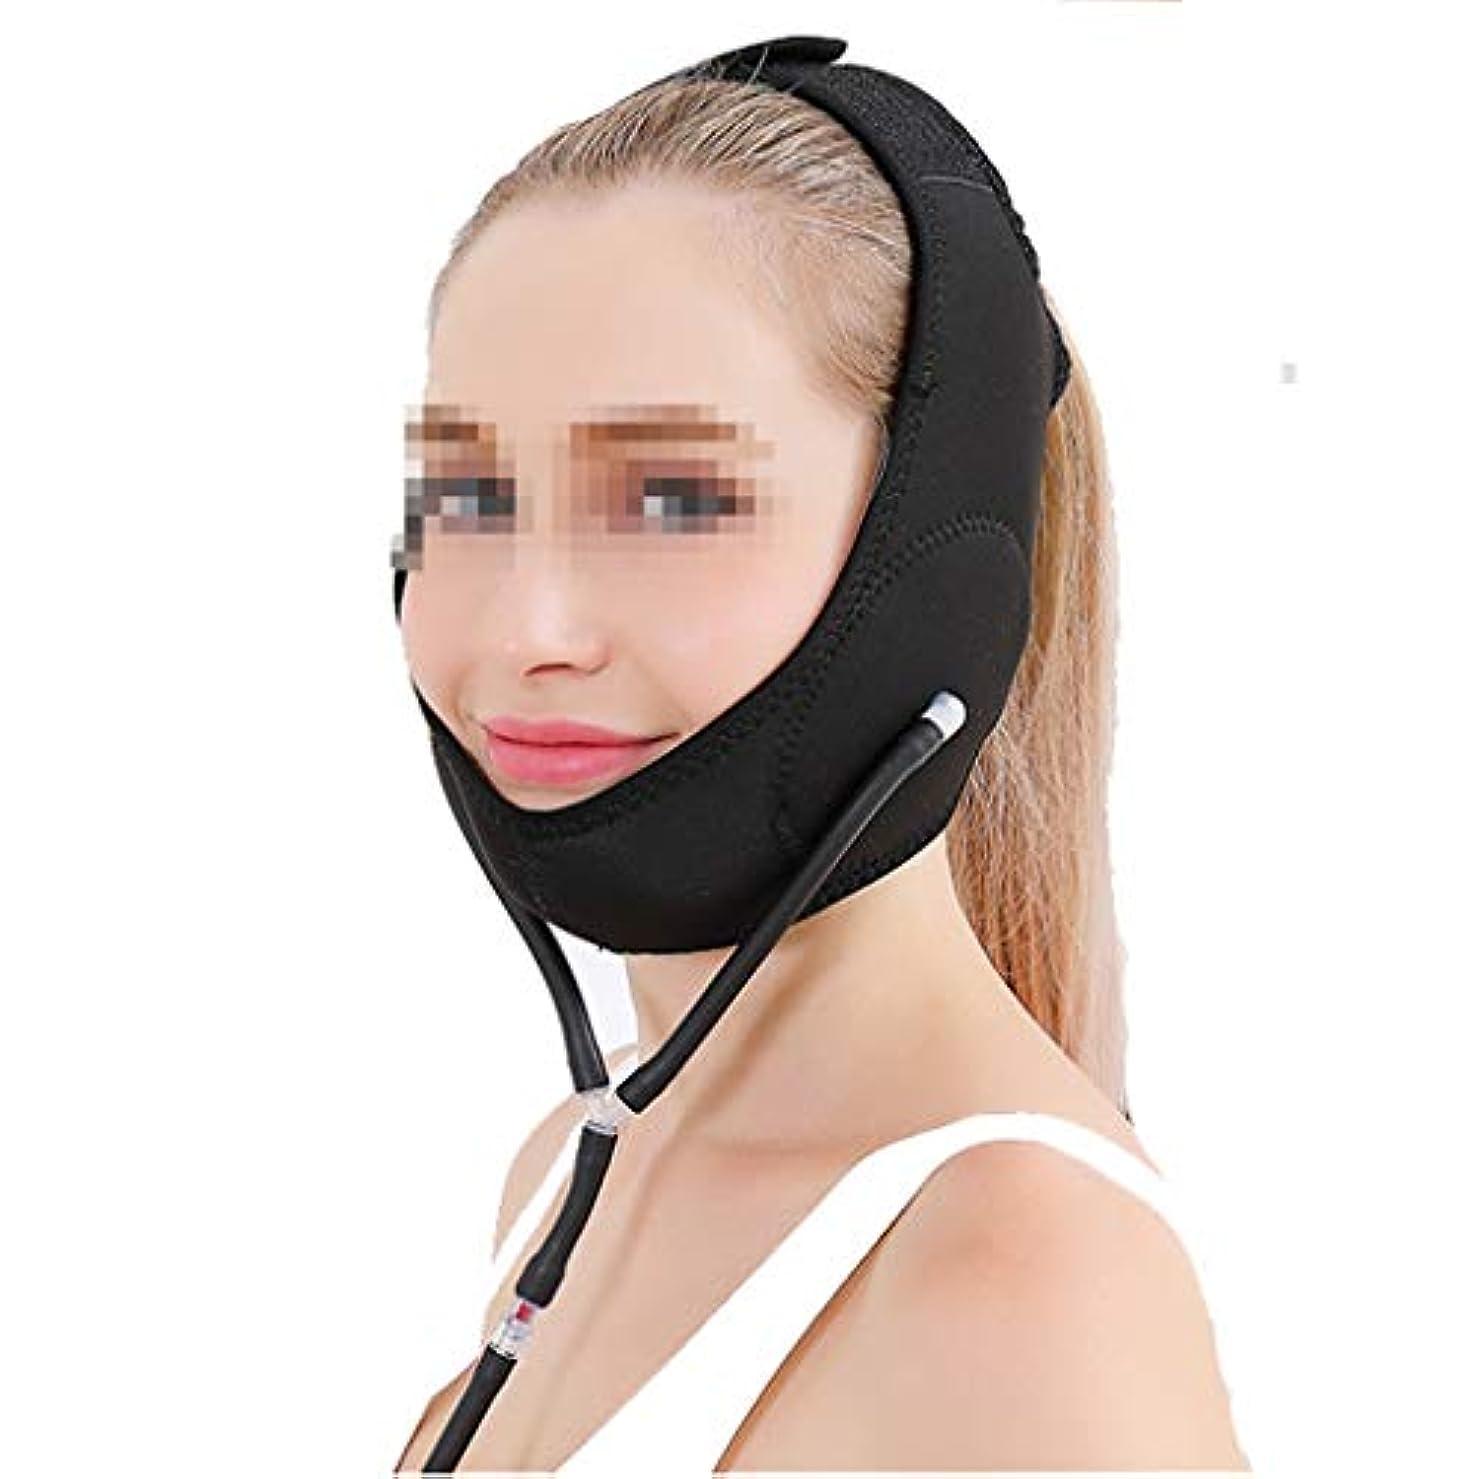 適合する仲間持っている空気圧薄いフェイスベルト、マスク小さなVフェイス圧力リフティングシェーピングかみ傷筋肉引き締めパターン二重あご包帯薄いフェイス包帯マルチカラーオプション (Color : Black)